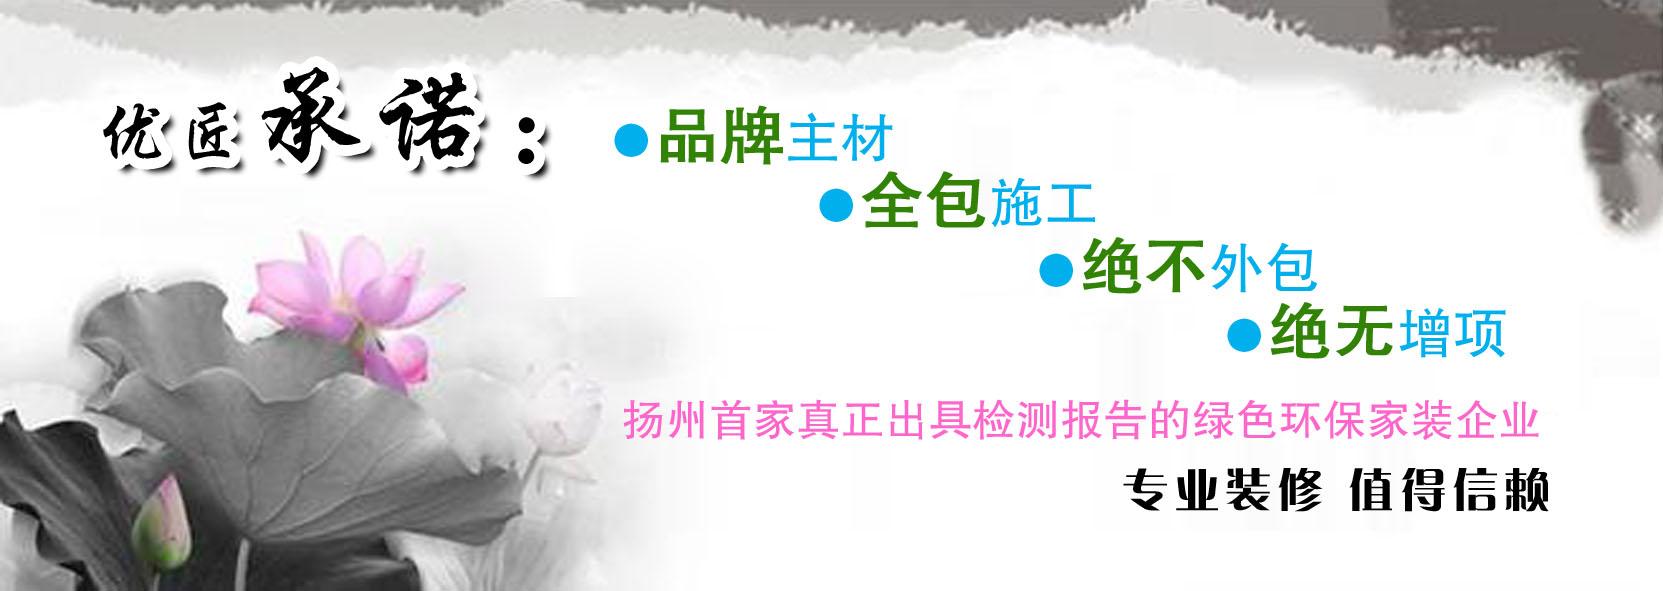 扬州优匠装饰工程有限公司